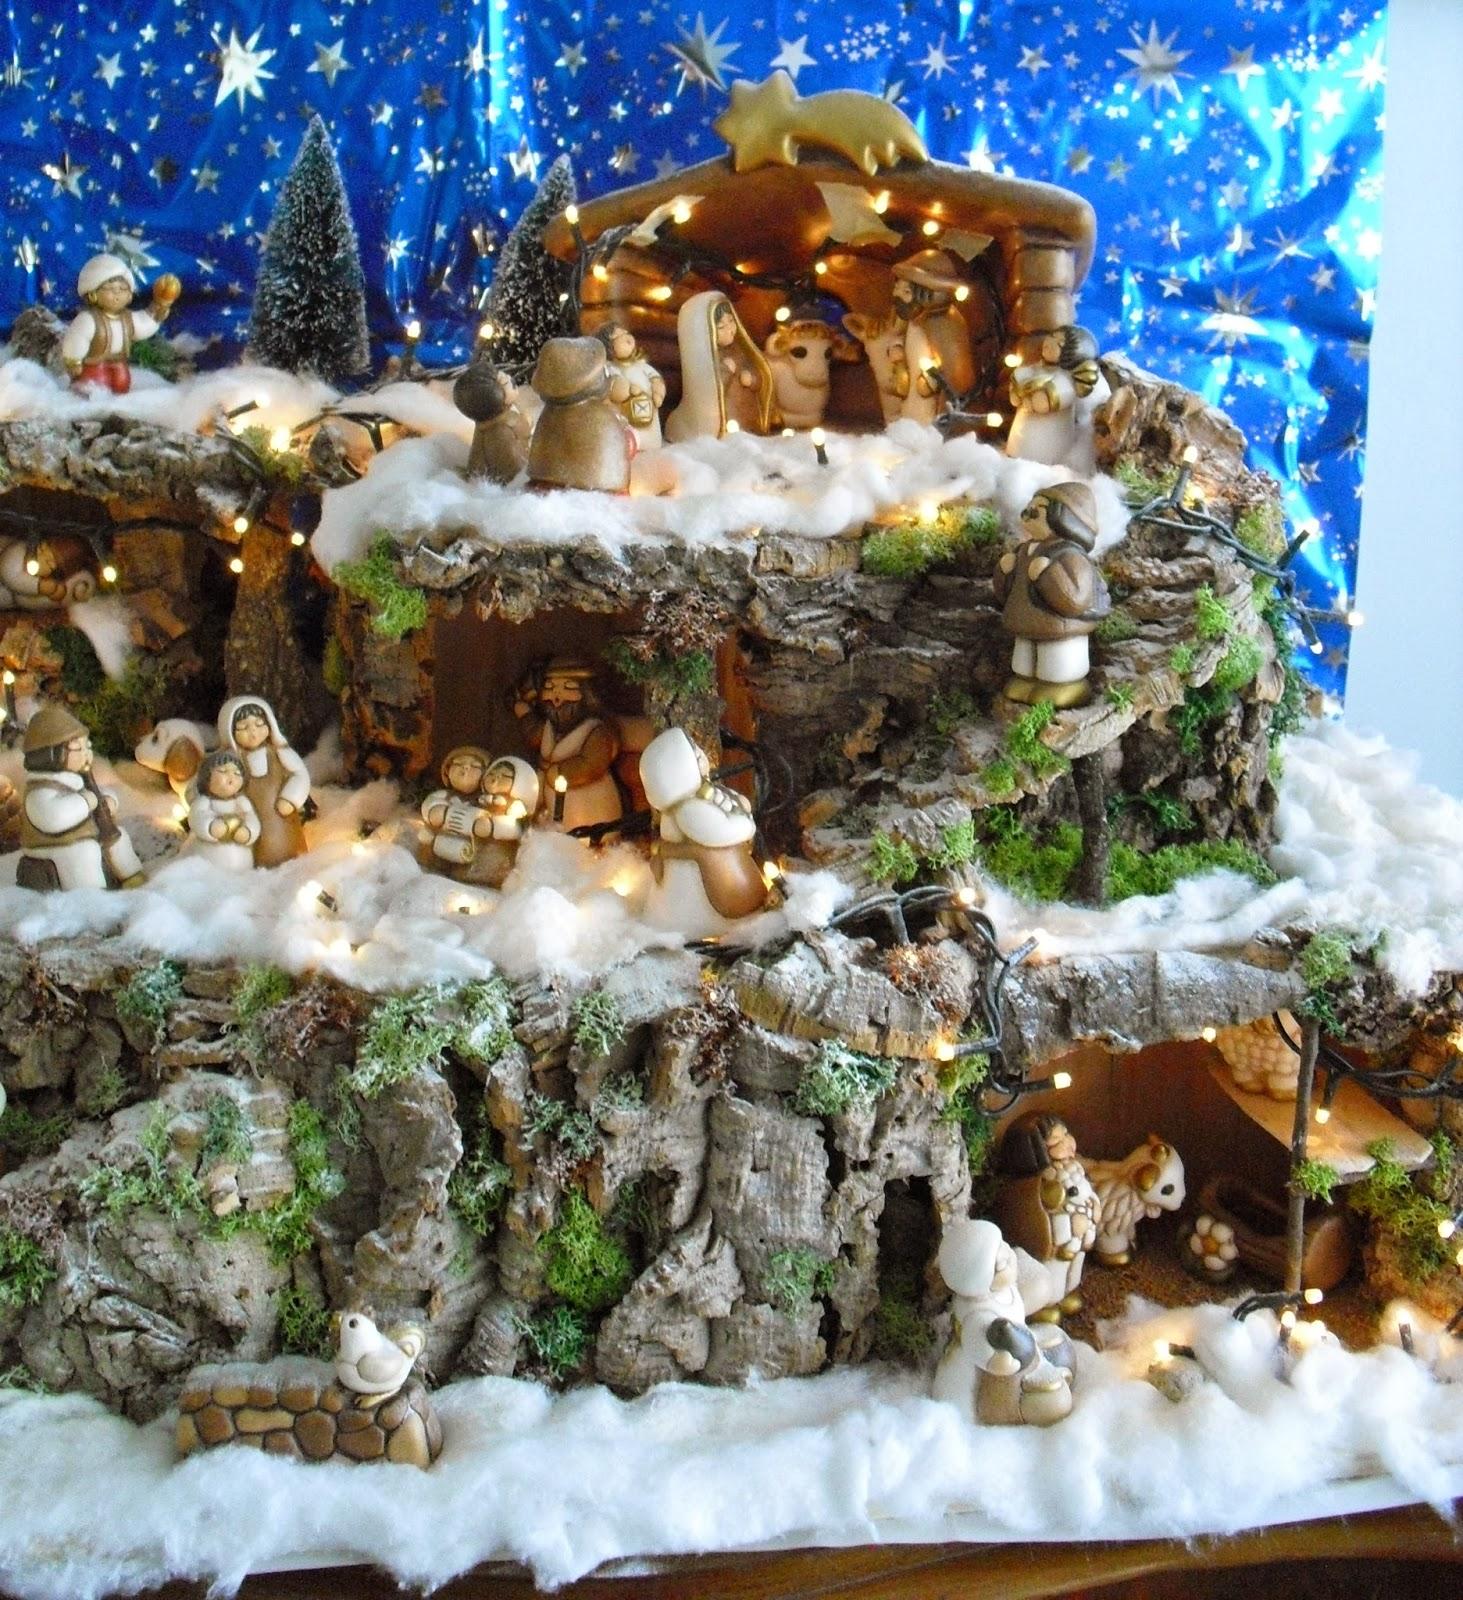 Il mondo di Sissi 8 dicembre tempo di fare albero e presepe